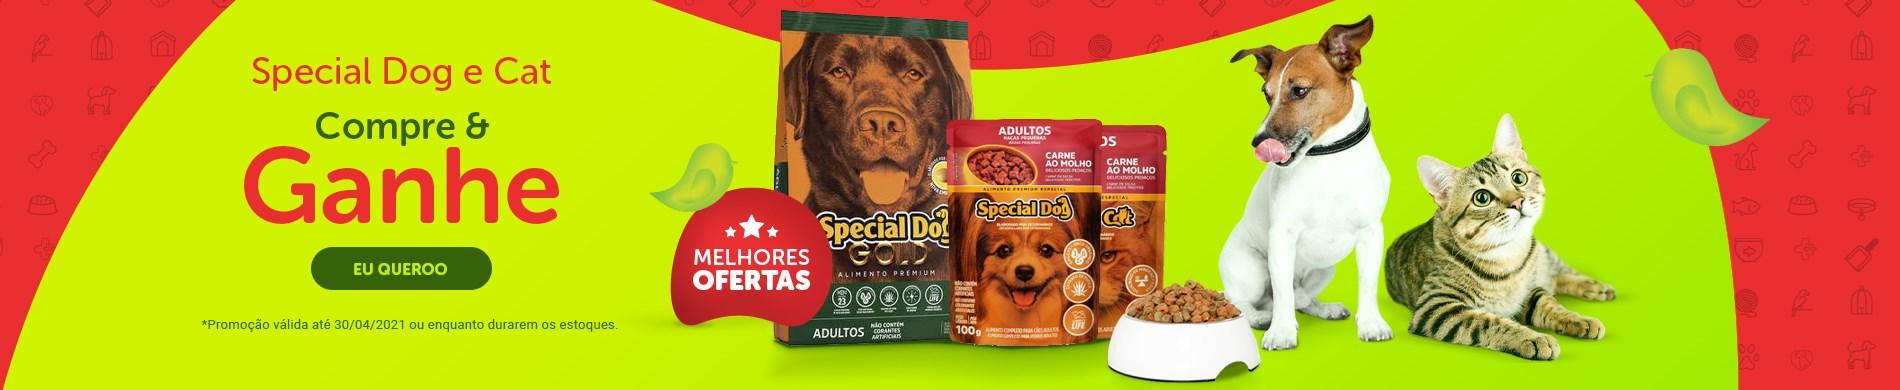 Promoção ração Special Dog para cachorro | Compre e ganhe sachê